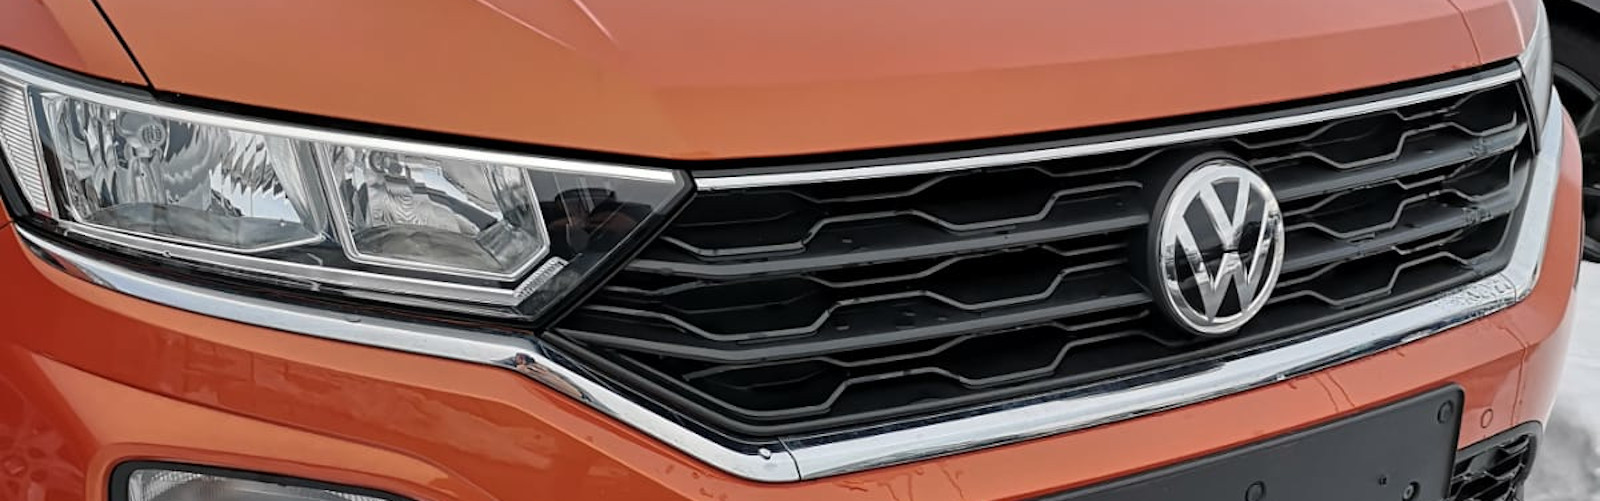 Volkswagen, illegale Abschalteinrichtungen